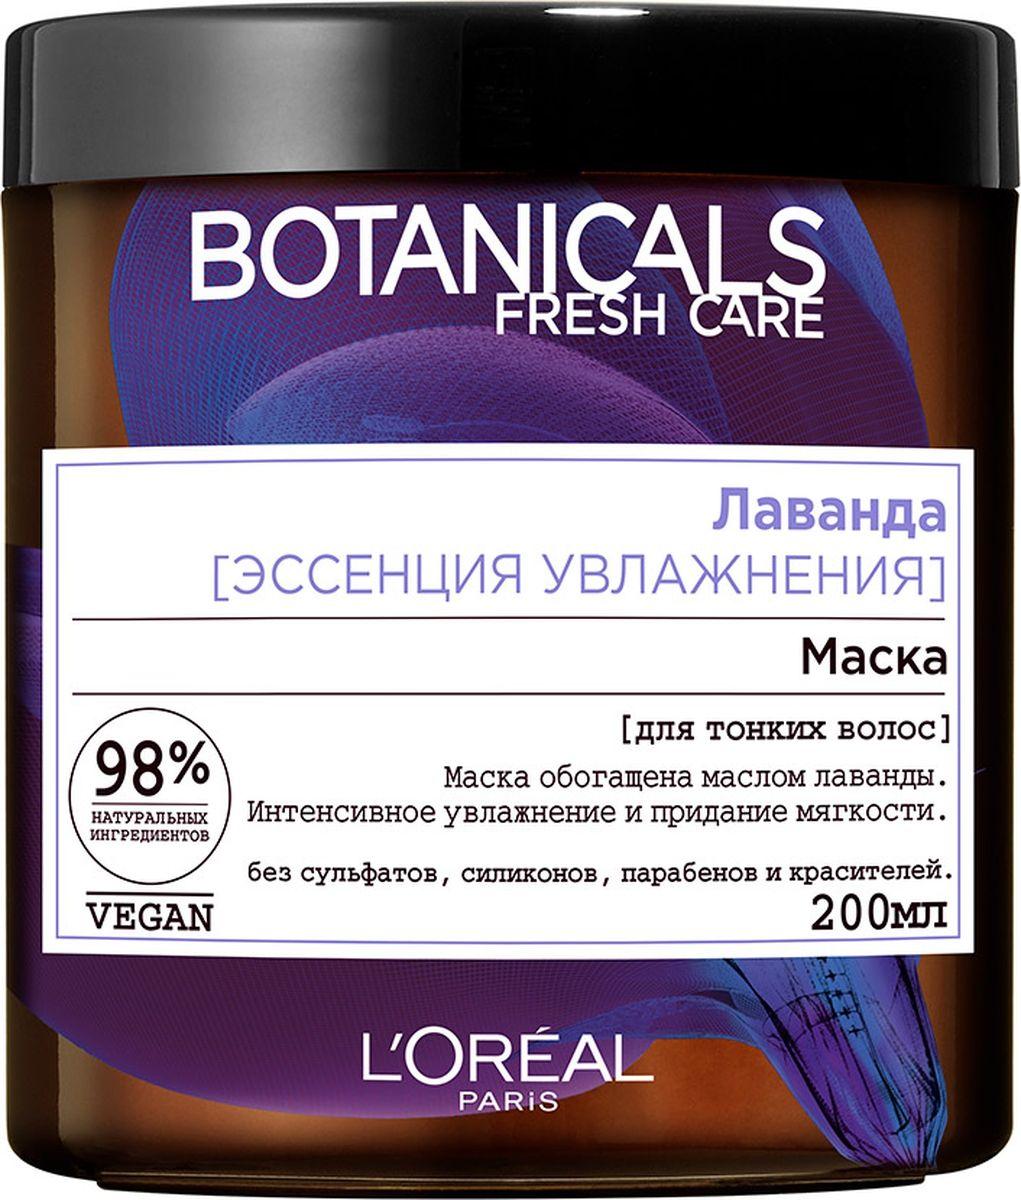 LOreal Paris Маска для волос Botanicals, Лаванда, для тонких волос, увлажняющая, 200 мл, без парабенов, силиконов и красителейA9474800Маска для волос Ботаникалс Лаванда Эссенция Увлажнения, обогащенная натуральными ингредиентами: эфирным маслом лаванды, маслами кокоса и сои, интенсивно увлажняет и придает мягкость волосам. Без сульфатов, силиконов, парабенов и красителей.Botanicals Fresh Care заботится не только о красоте и здоровье ваших волос, но и об окружающей среде. 94% формулы биоразлагаемы, 98% формулы - натуральные ингредиенты. Остальные 2% помогают сохранить ее качество. Vegan-формула не содержит ингредиентов животного происхождения или их производных.